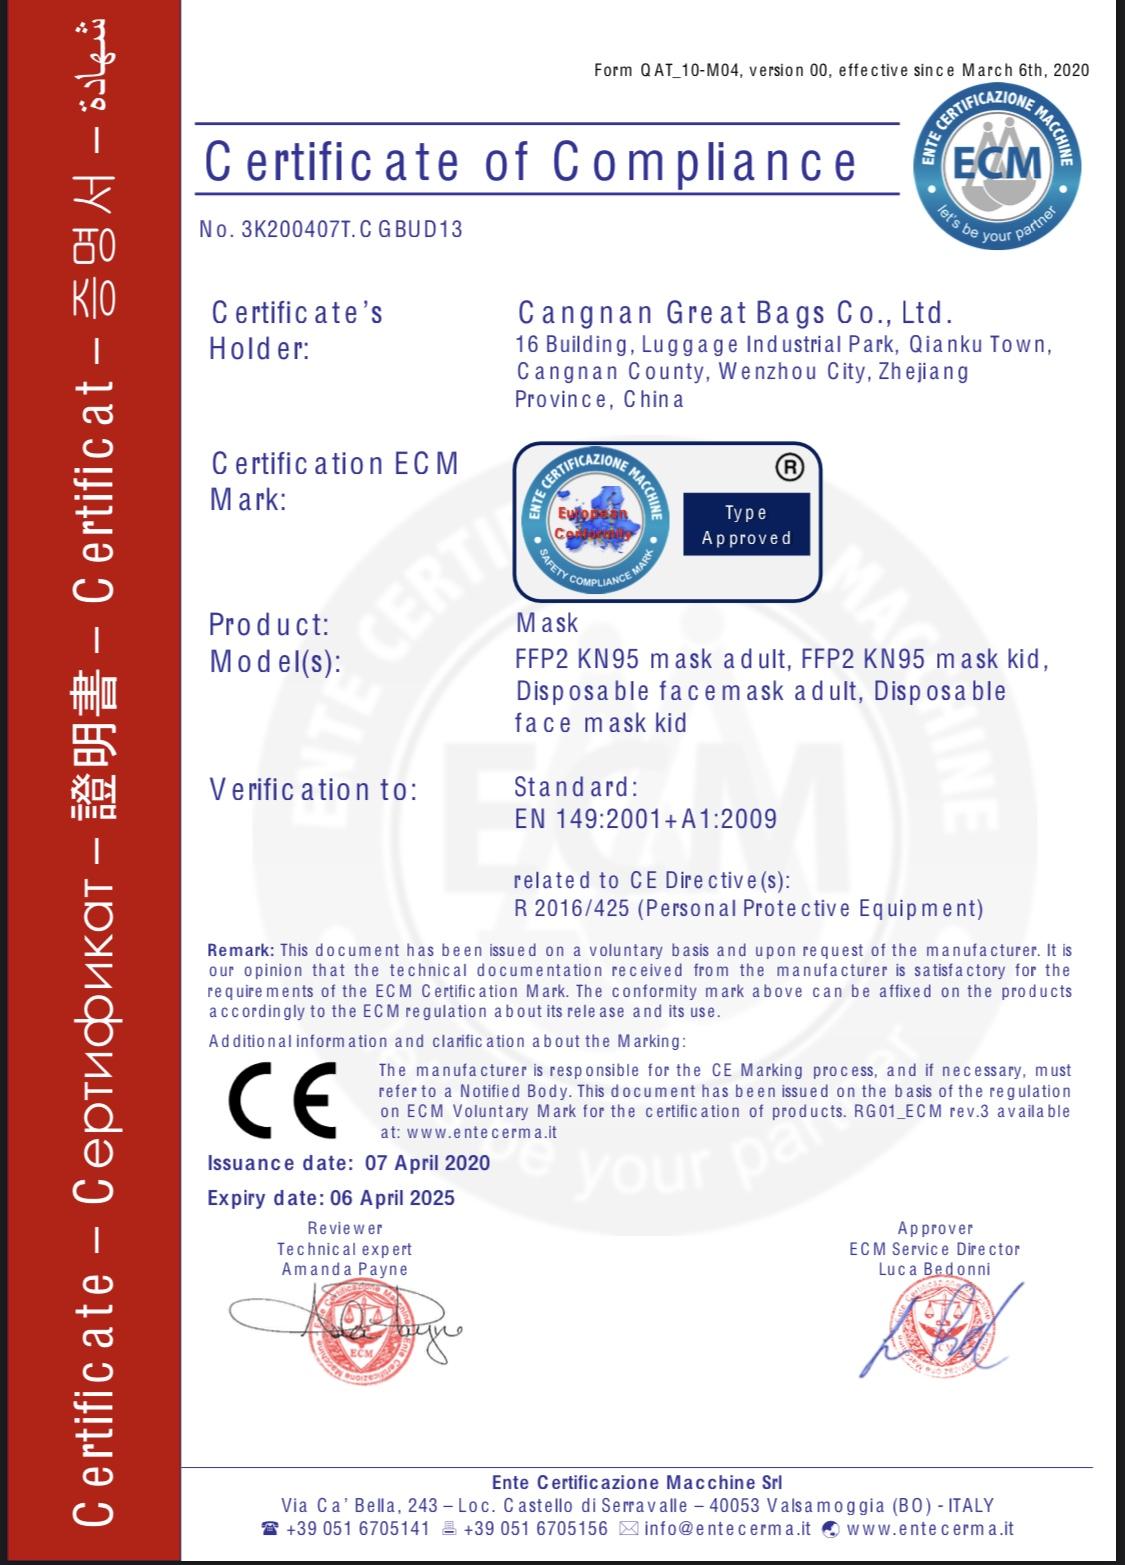 74737E1F-6613-44D3-83E1-D45FA572CF33